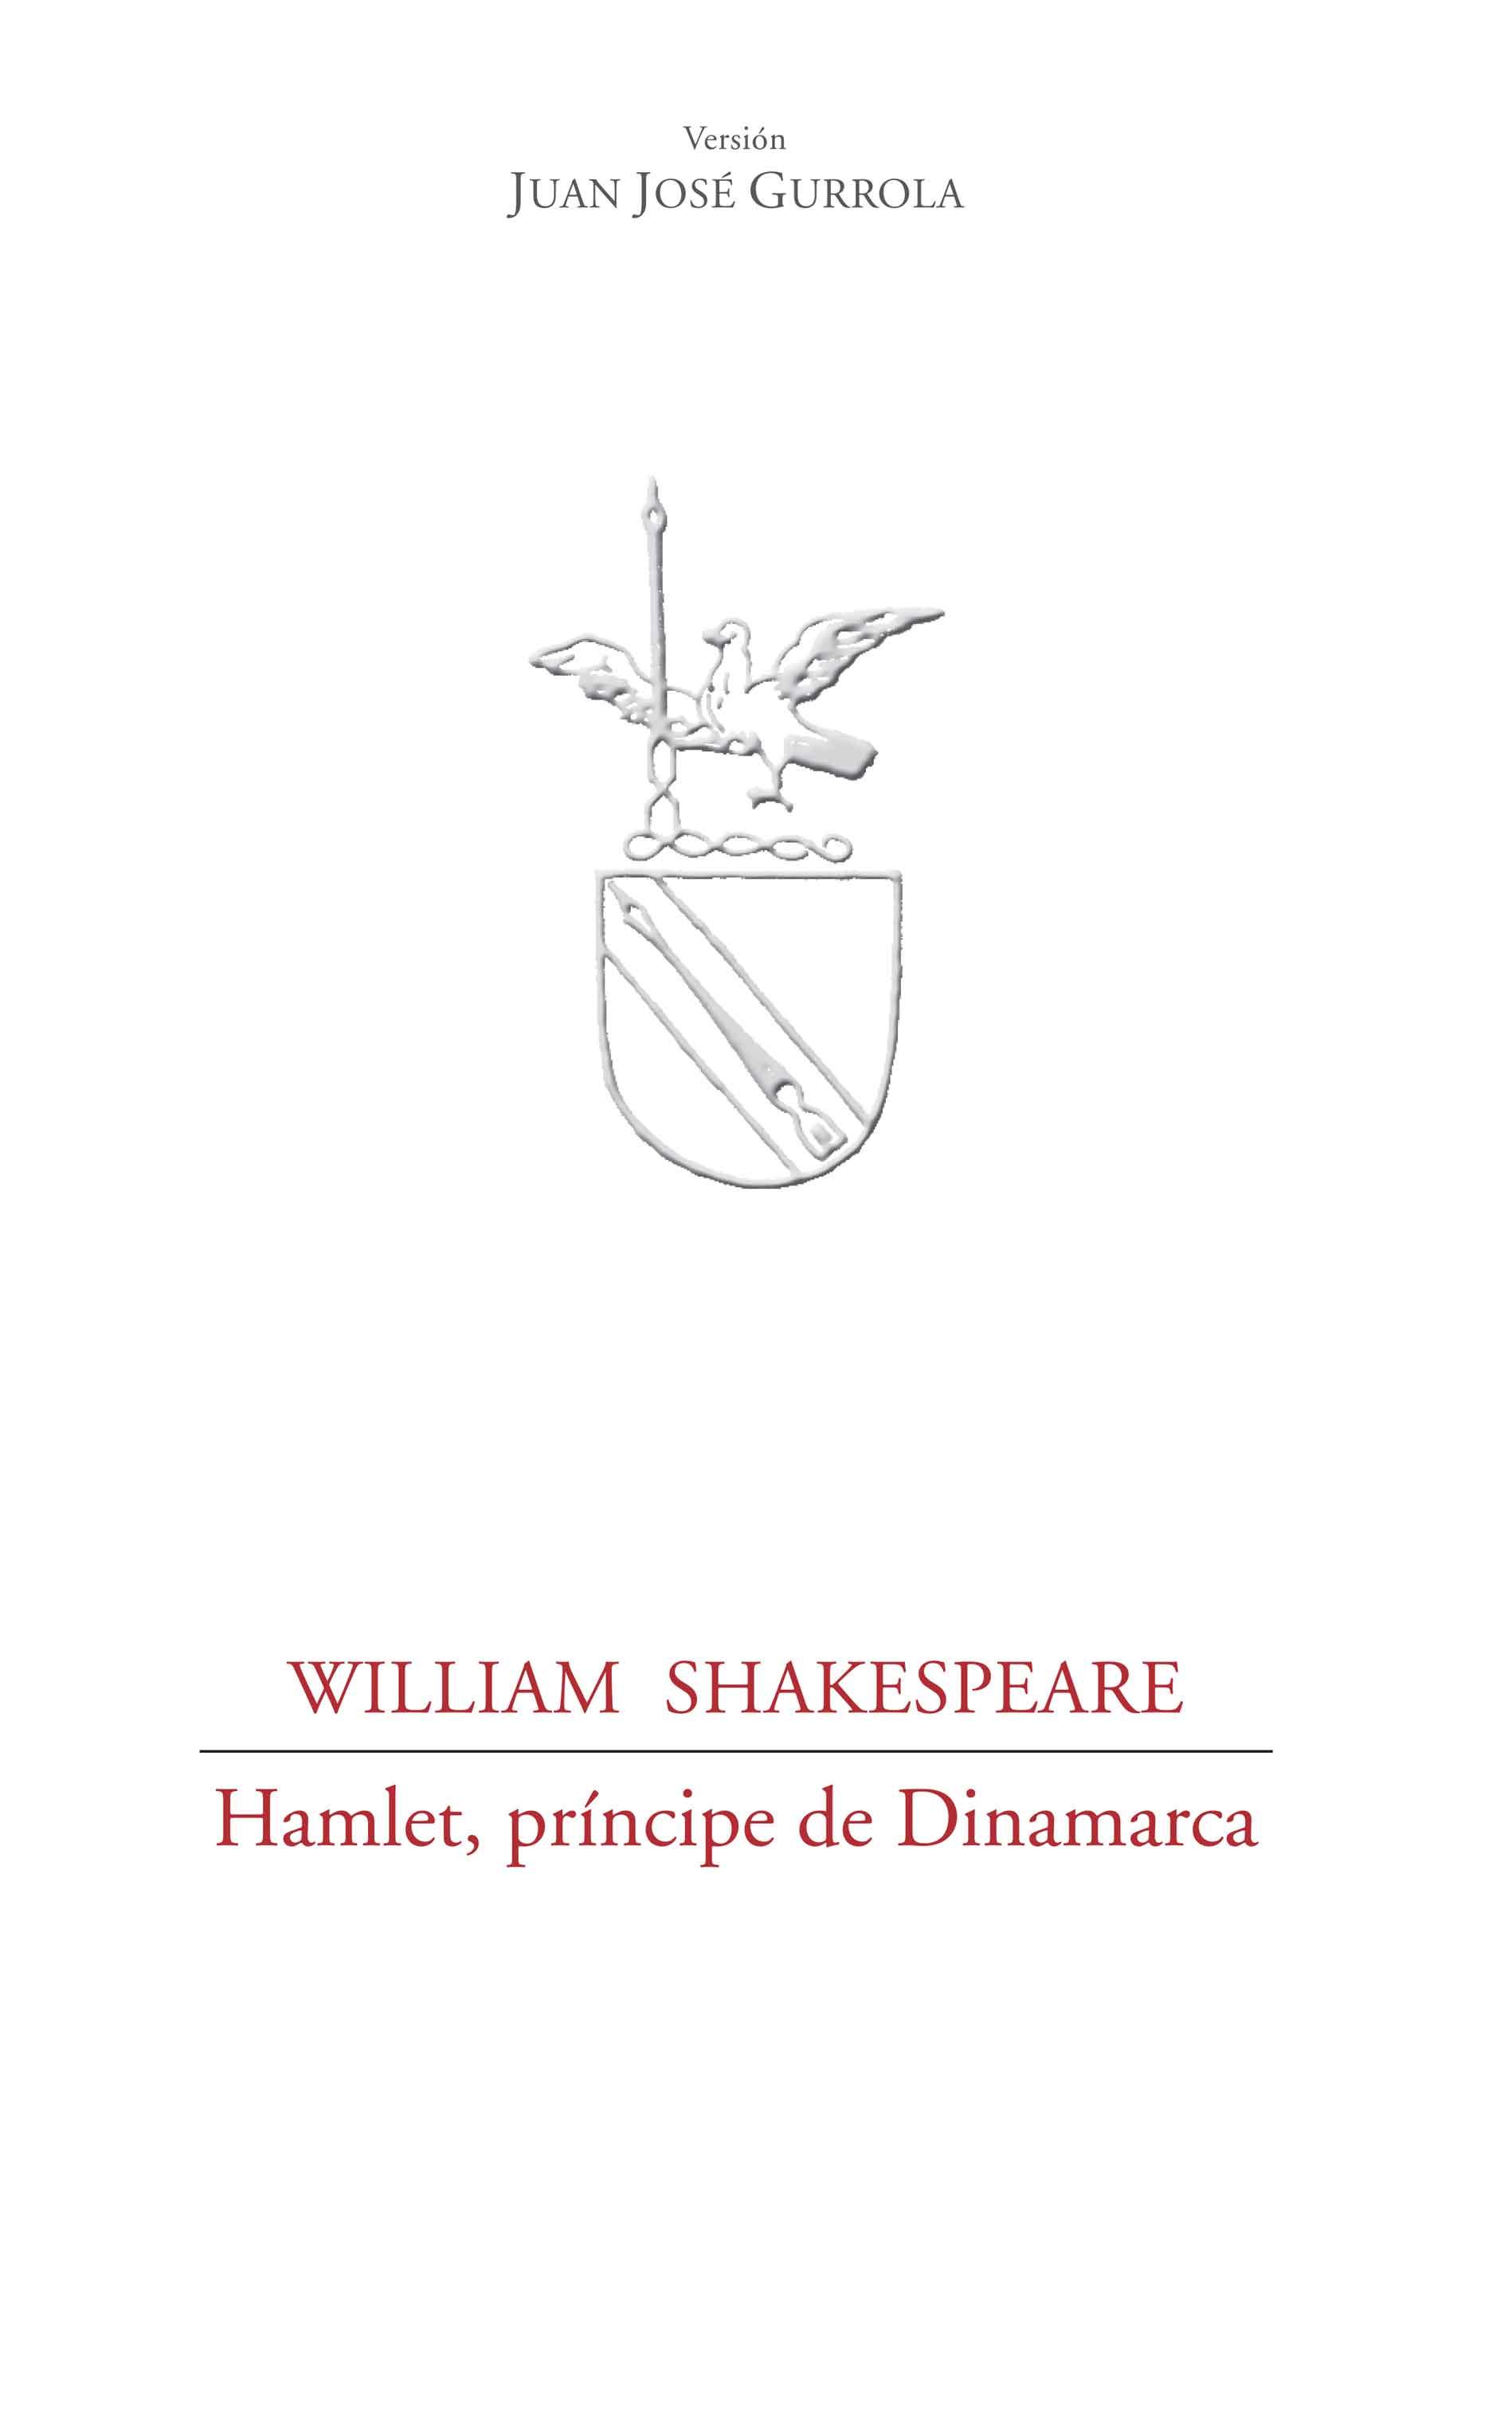 Hamlet, príncipe de Dinamarca